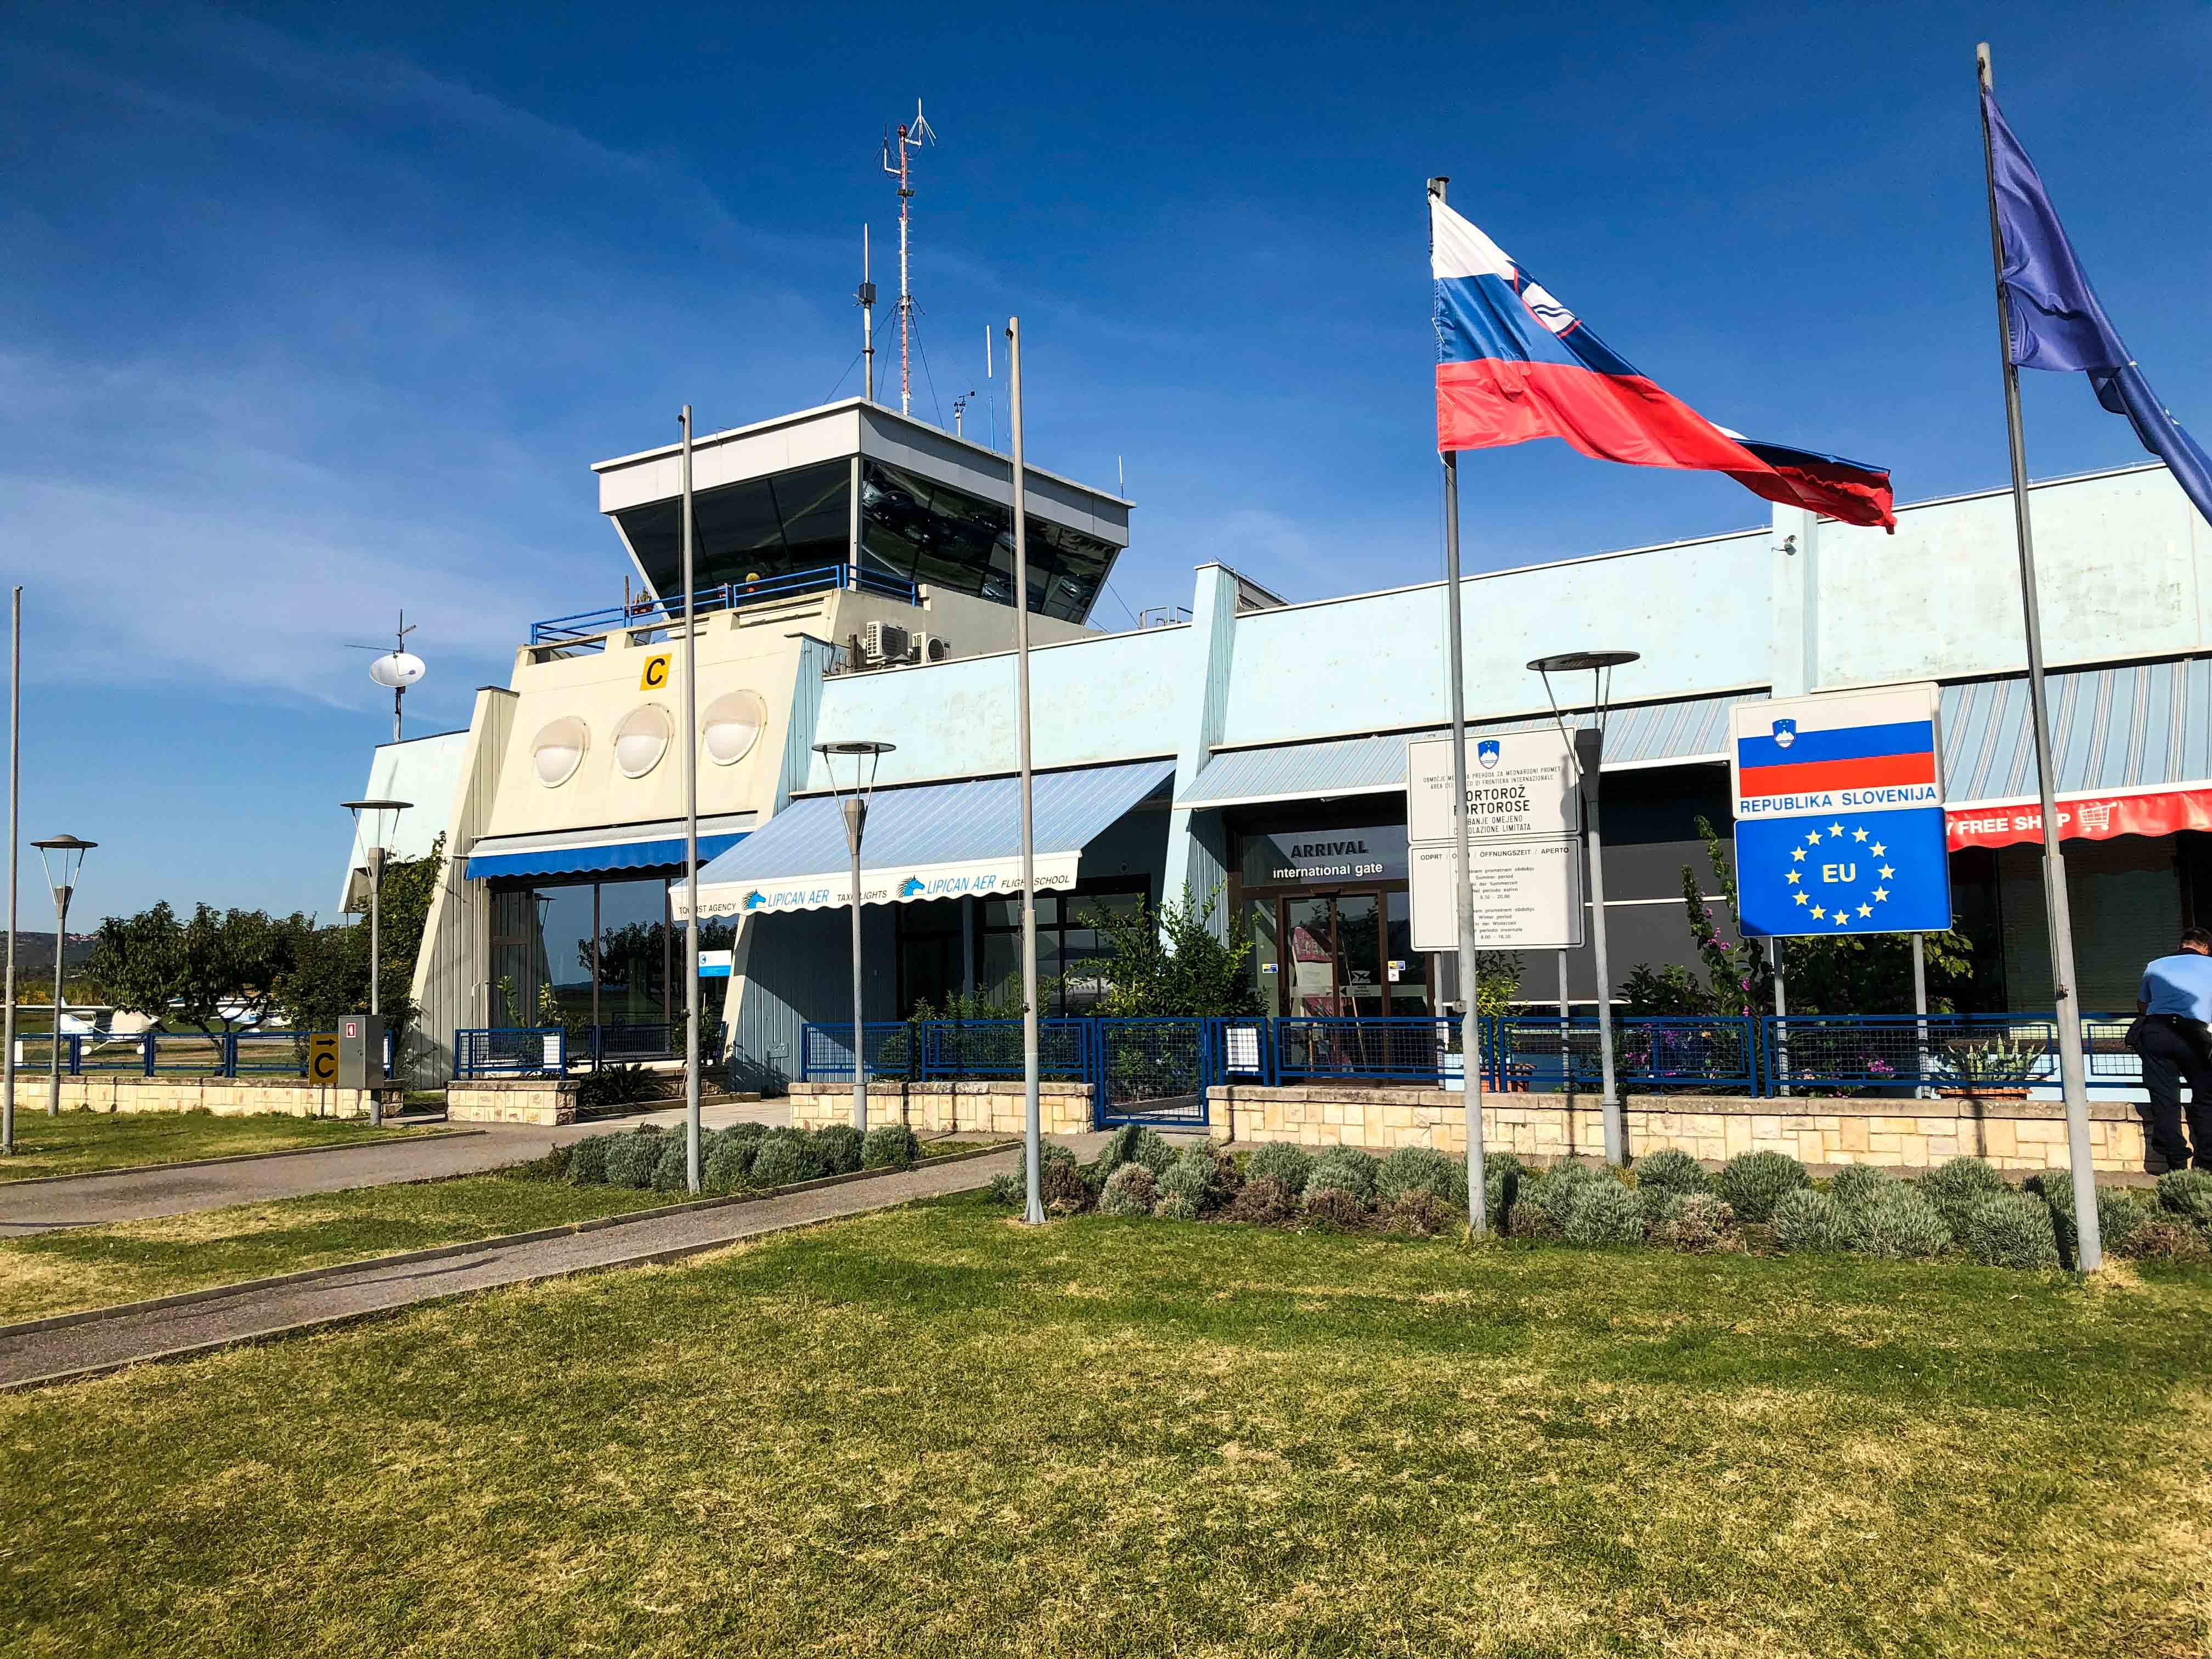 Super freundlicher Flugplatz Portoroz